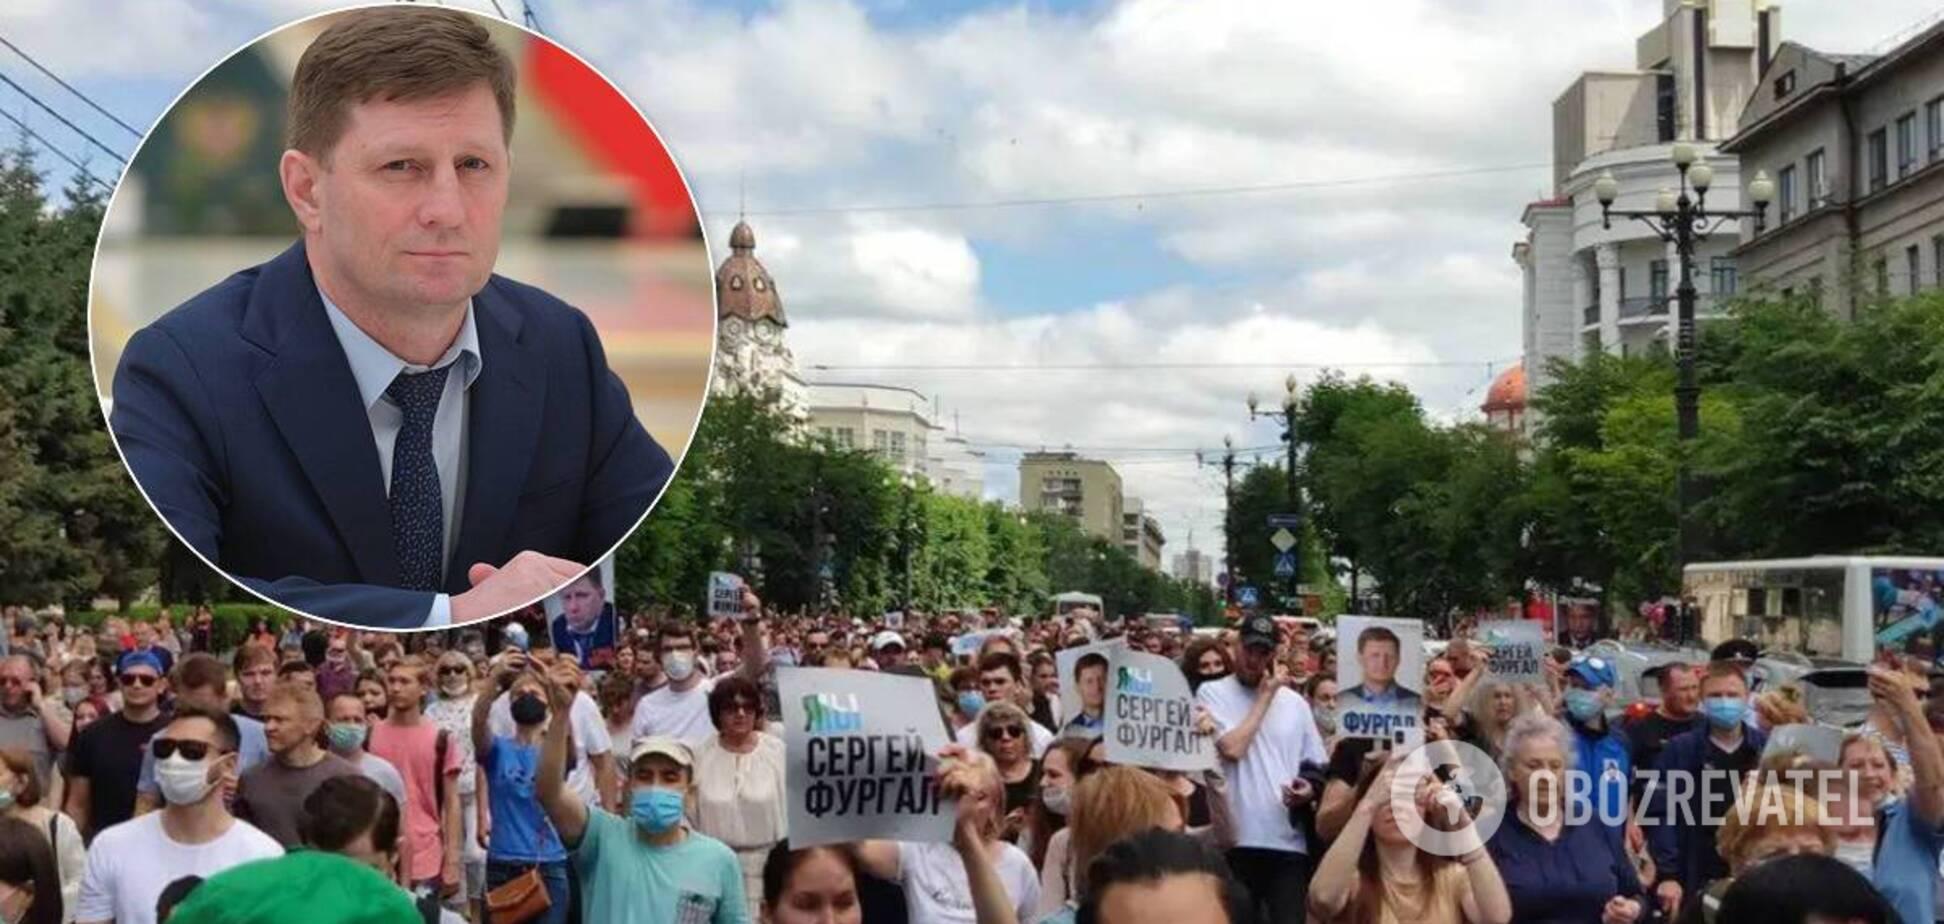 Хабаровськ охопили масштабні протести через арешт Фургала